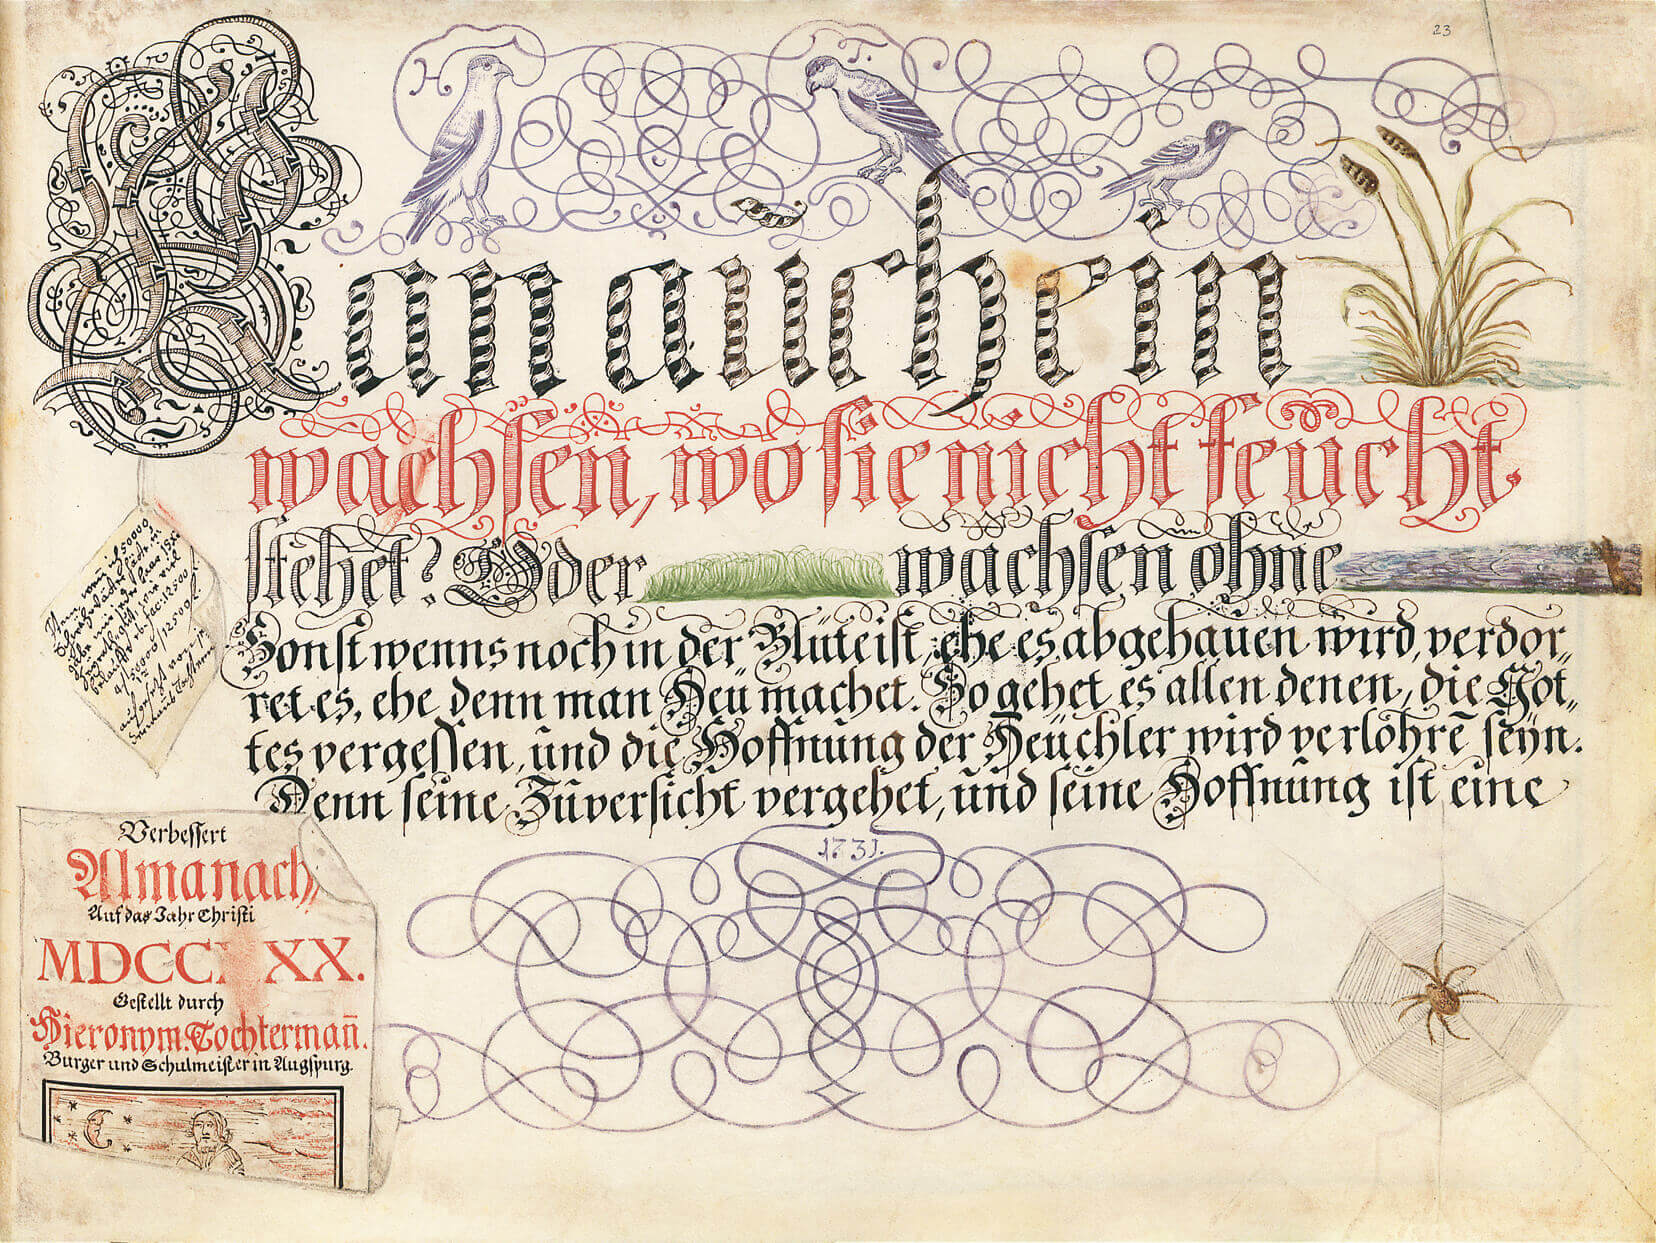 Schreibmeisterbuch des Hieronymus Tochtermann, p. 45 (fol. 23r)